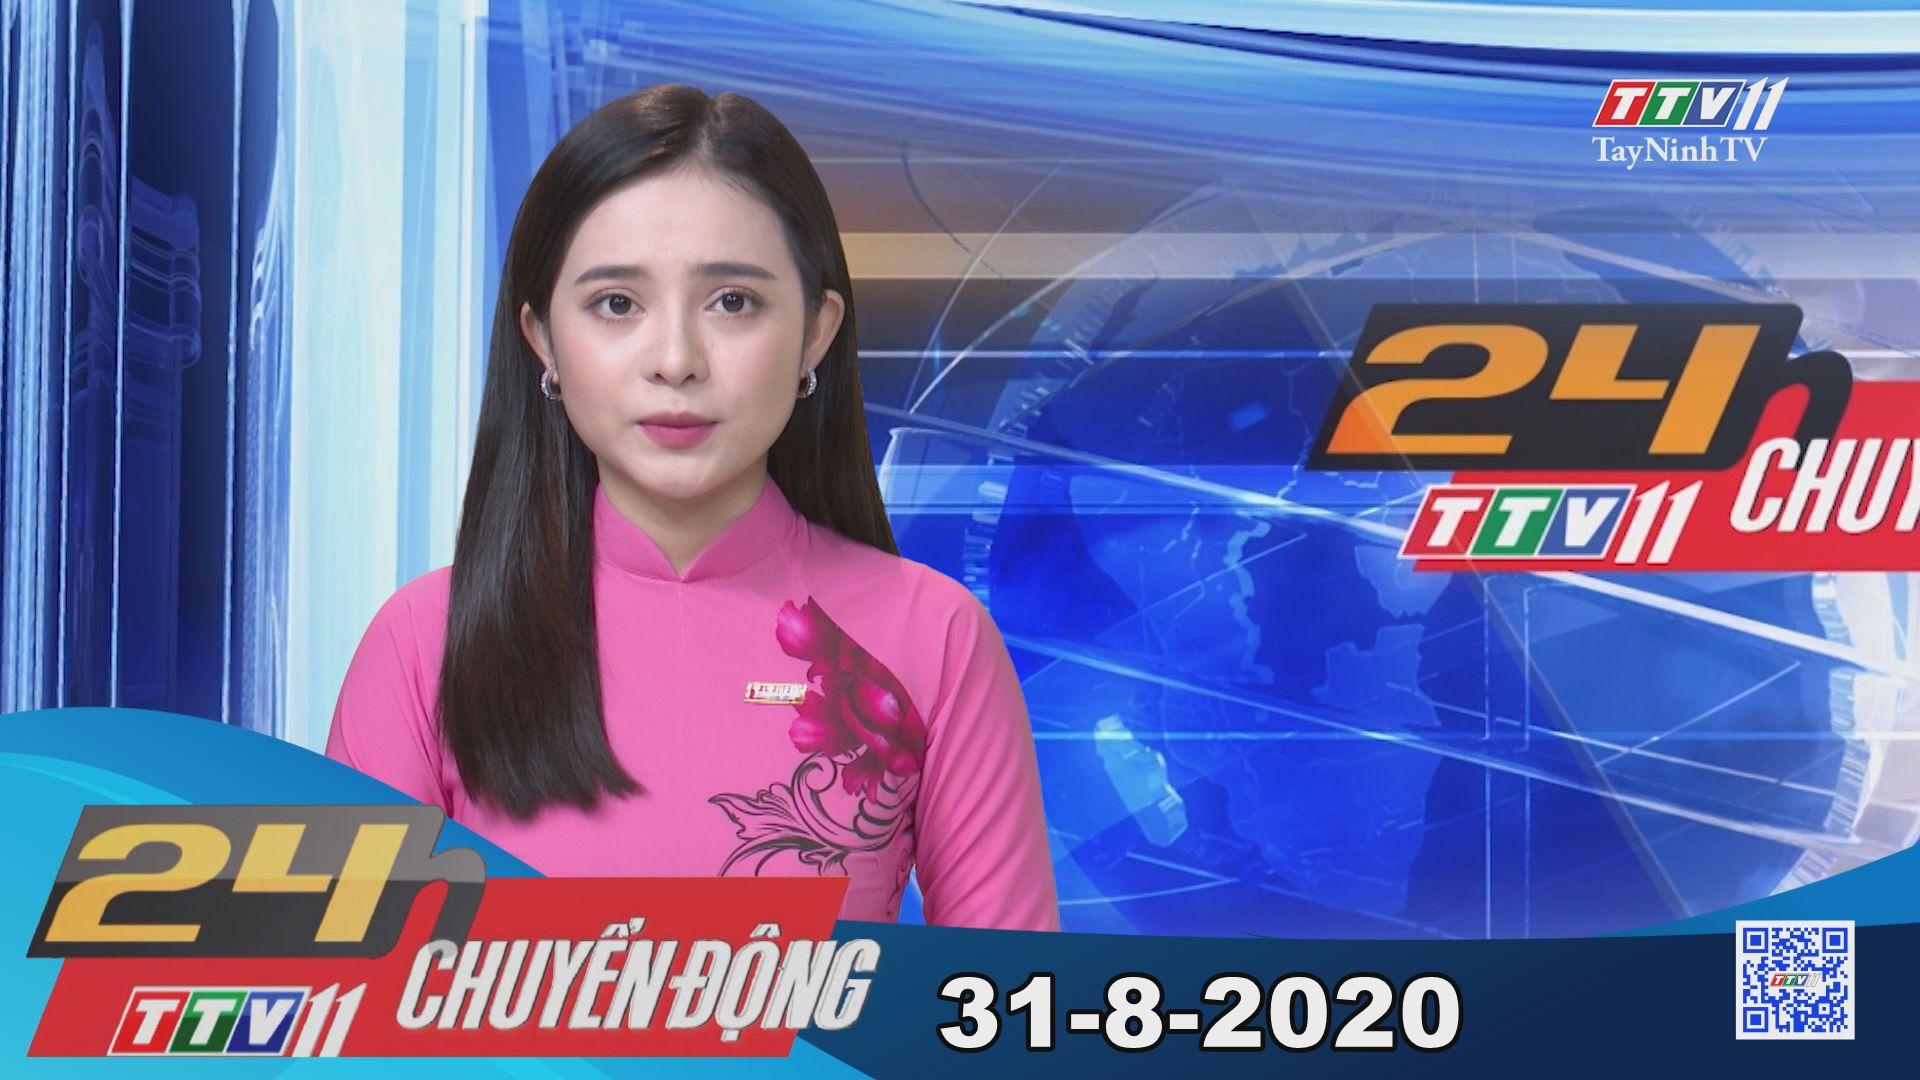 24h Chuyển động 31-8-2020 | Tin tức hôm nay | TayNinhTV